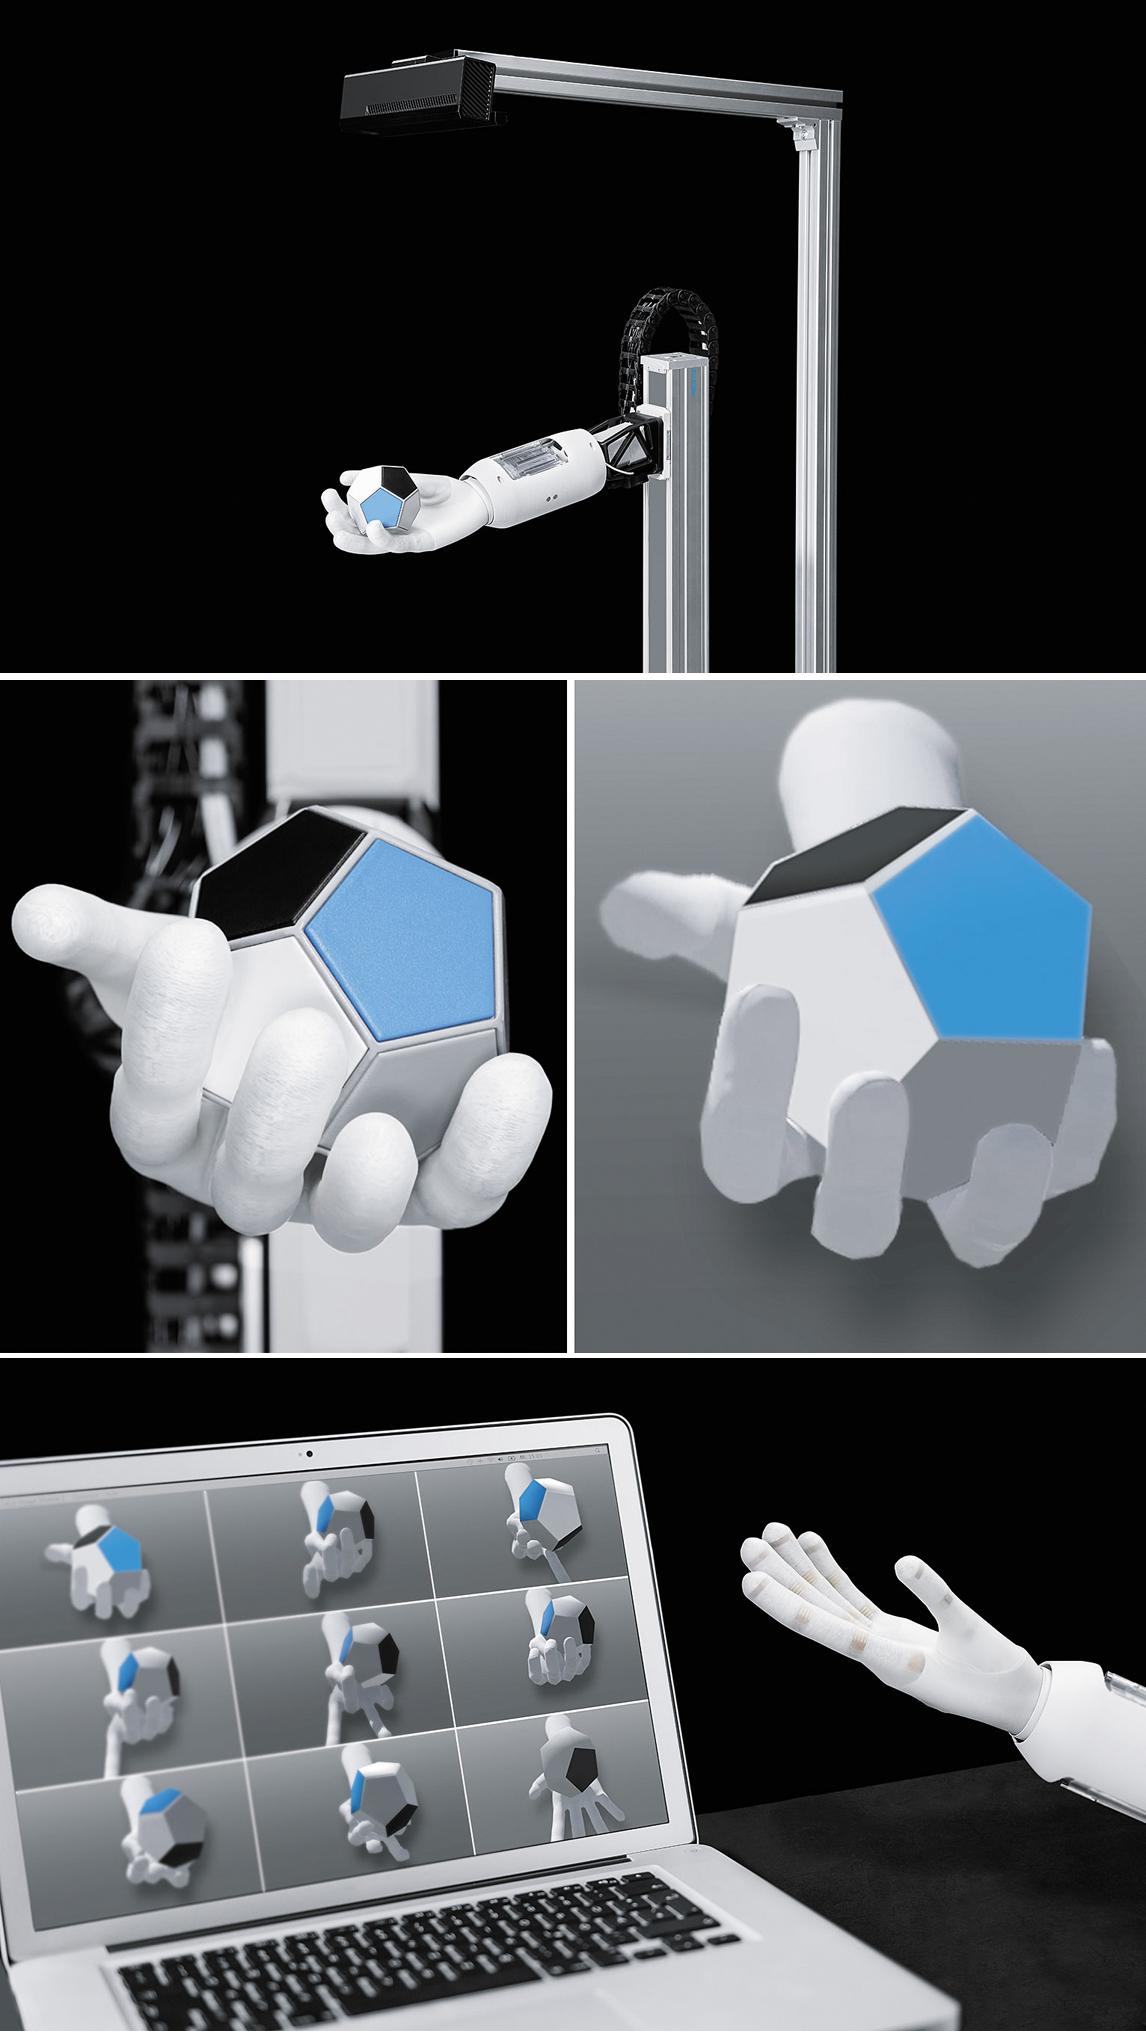 Иллюстрации алгоритма принятия решения системой с использованием манипулятора BionicSoftHand